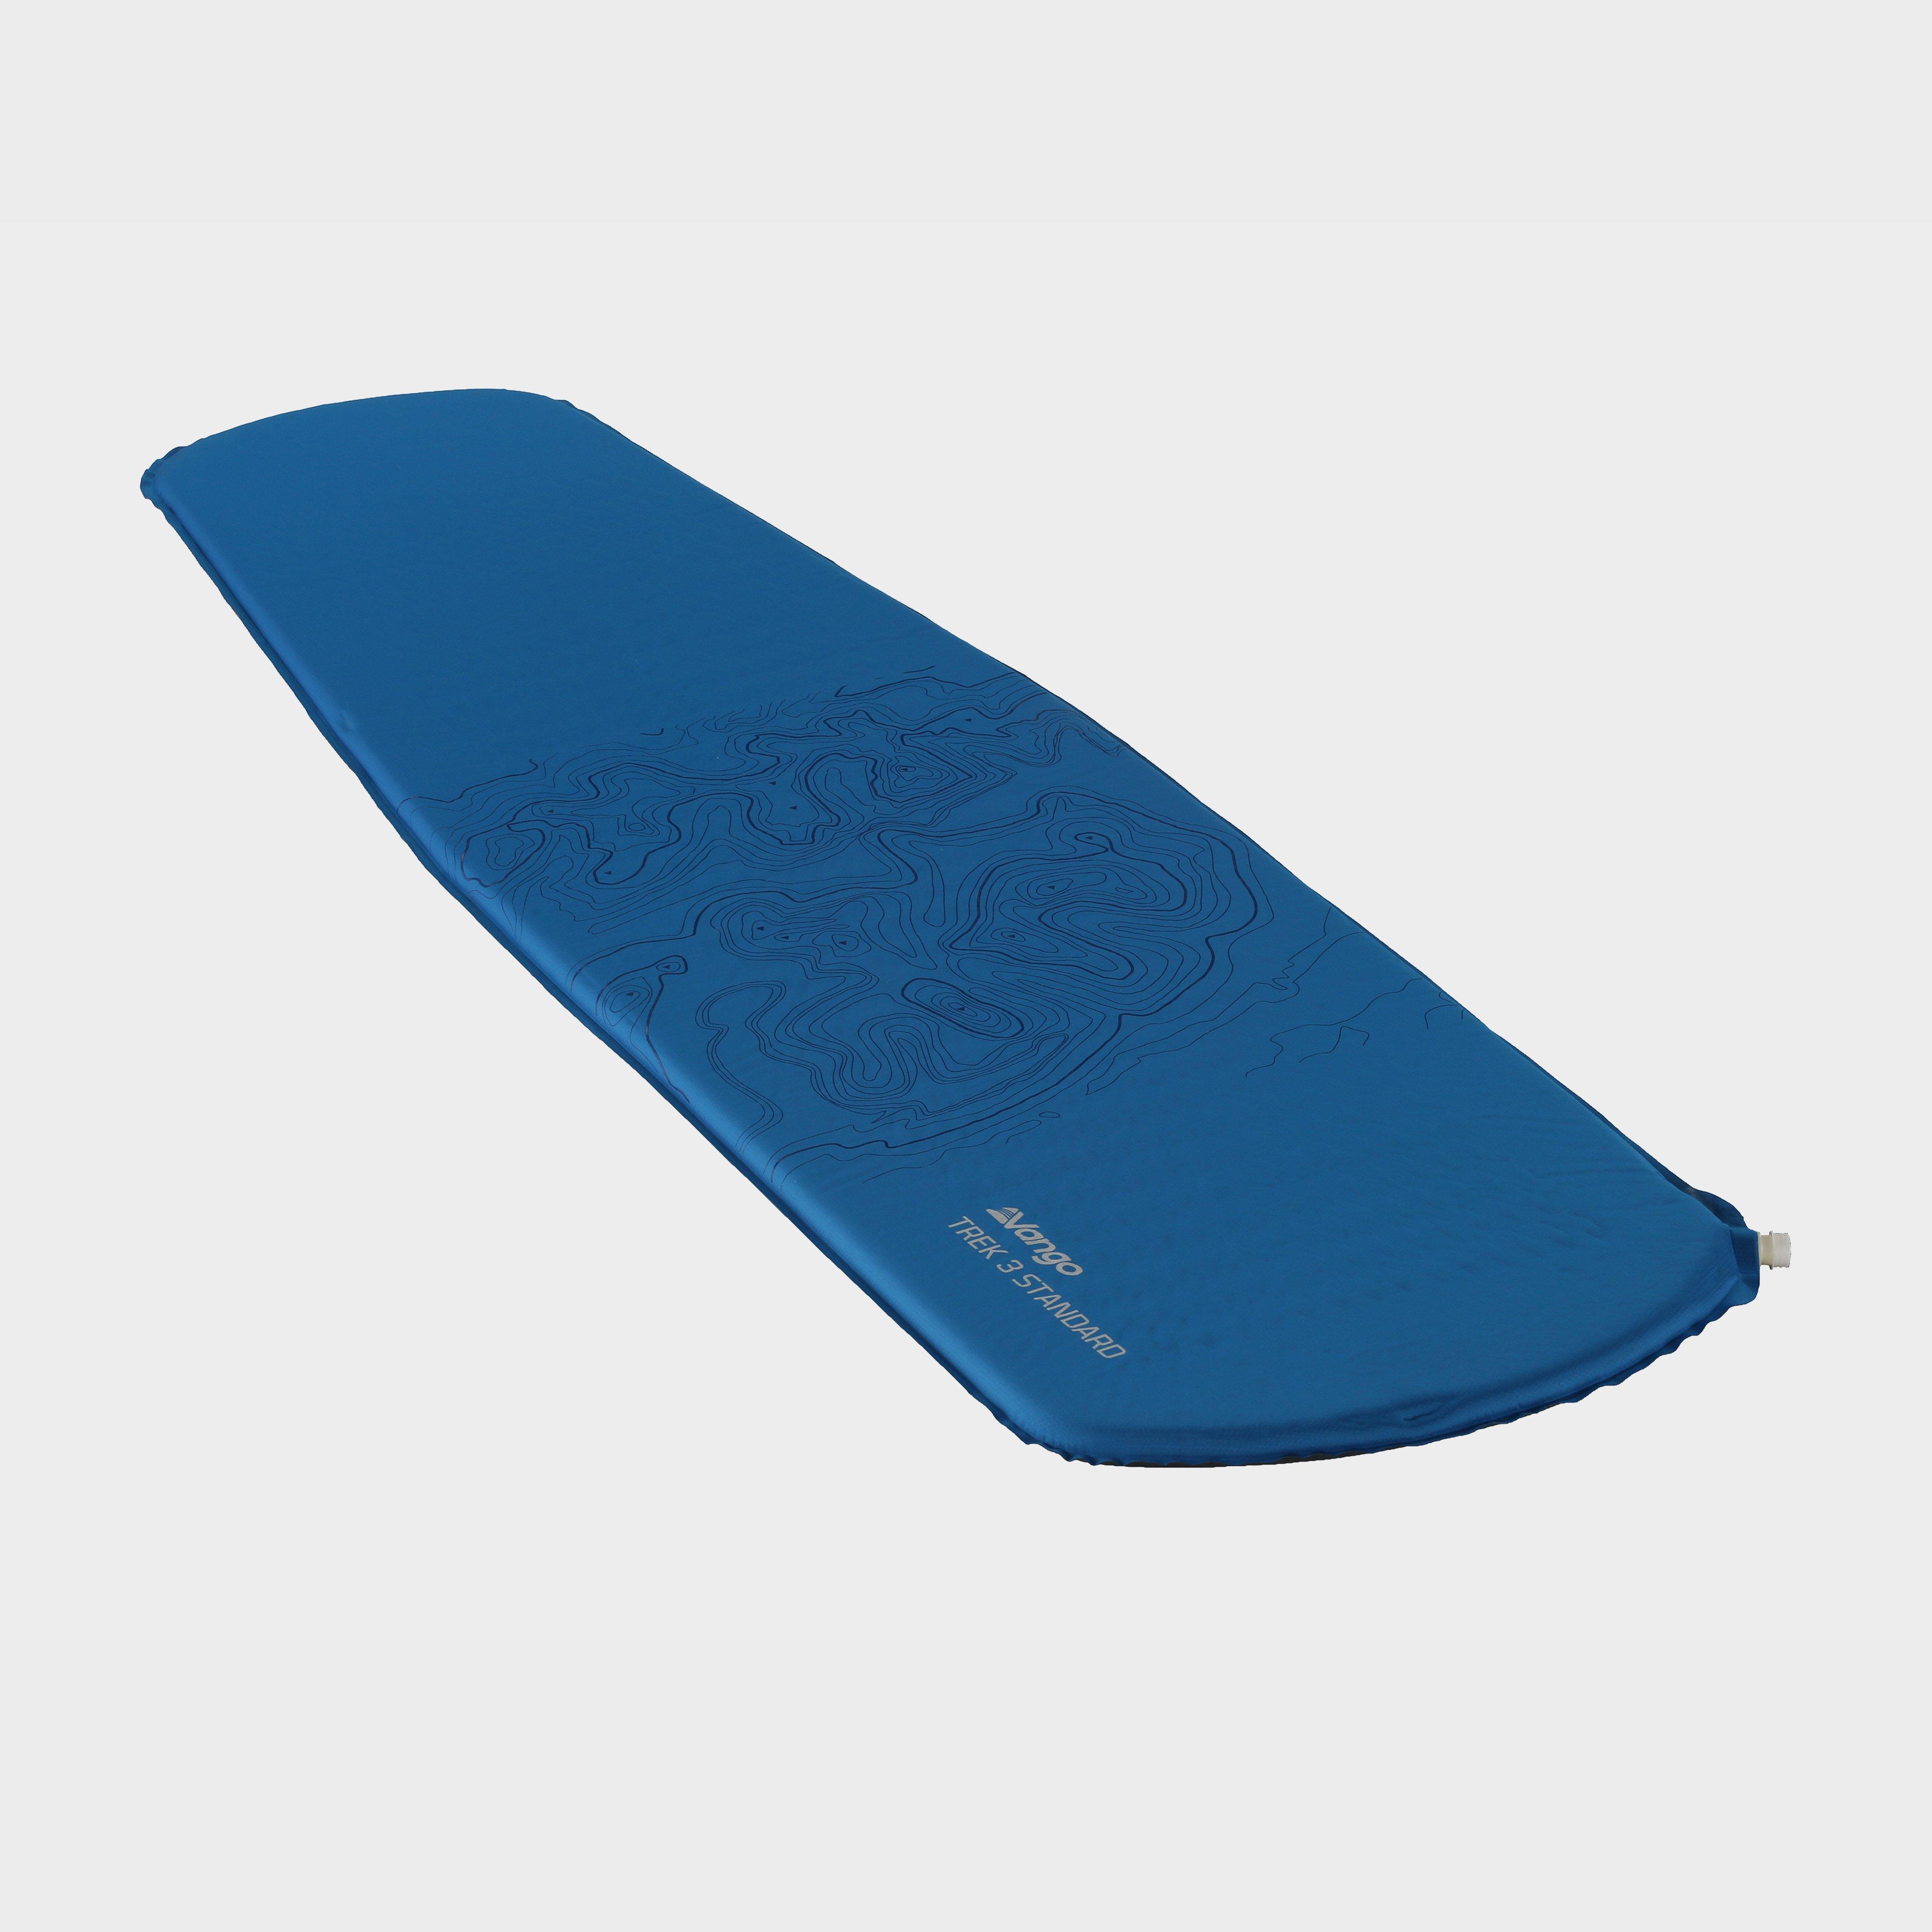 Vango Vango Trek 3 Standard Sleeping Mat, Blue